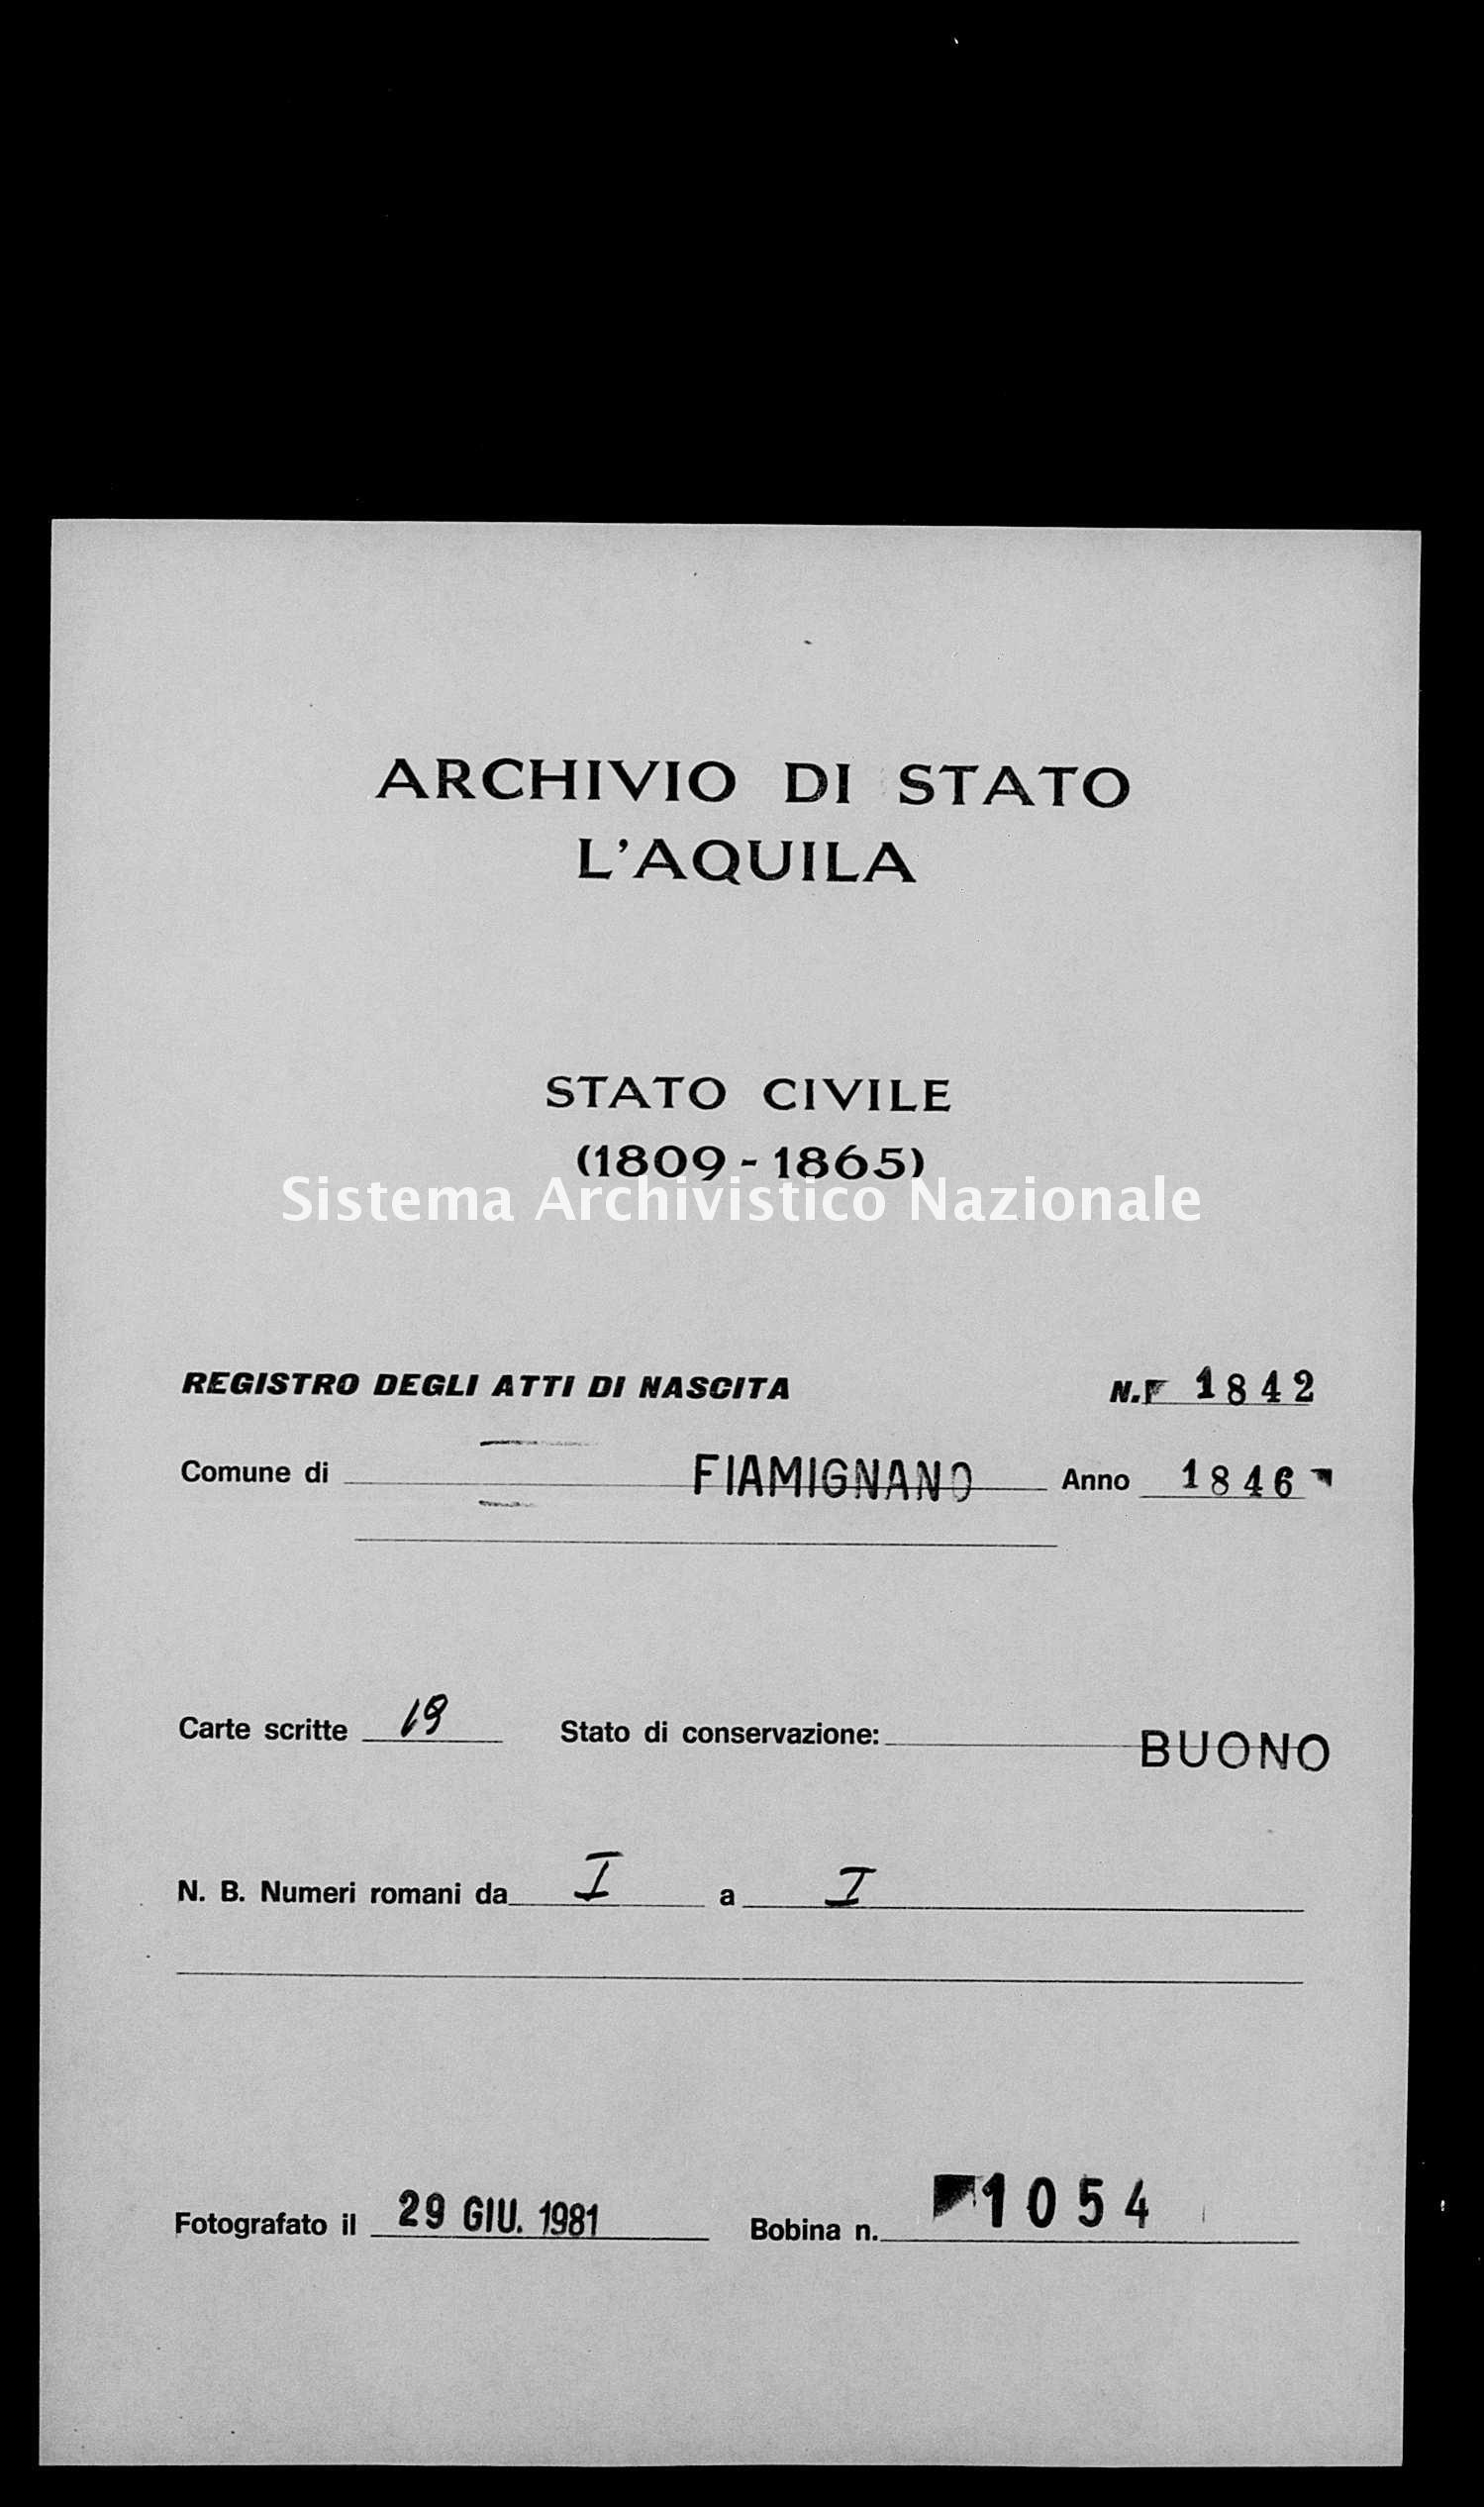 Archivio di stato di L'aquila - Stato civile della restaurazione - Fiamignano - Nati - 1846 - 1842 -